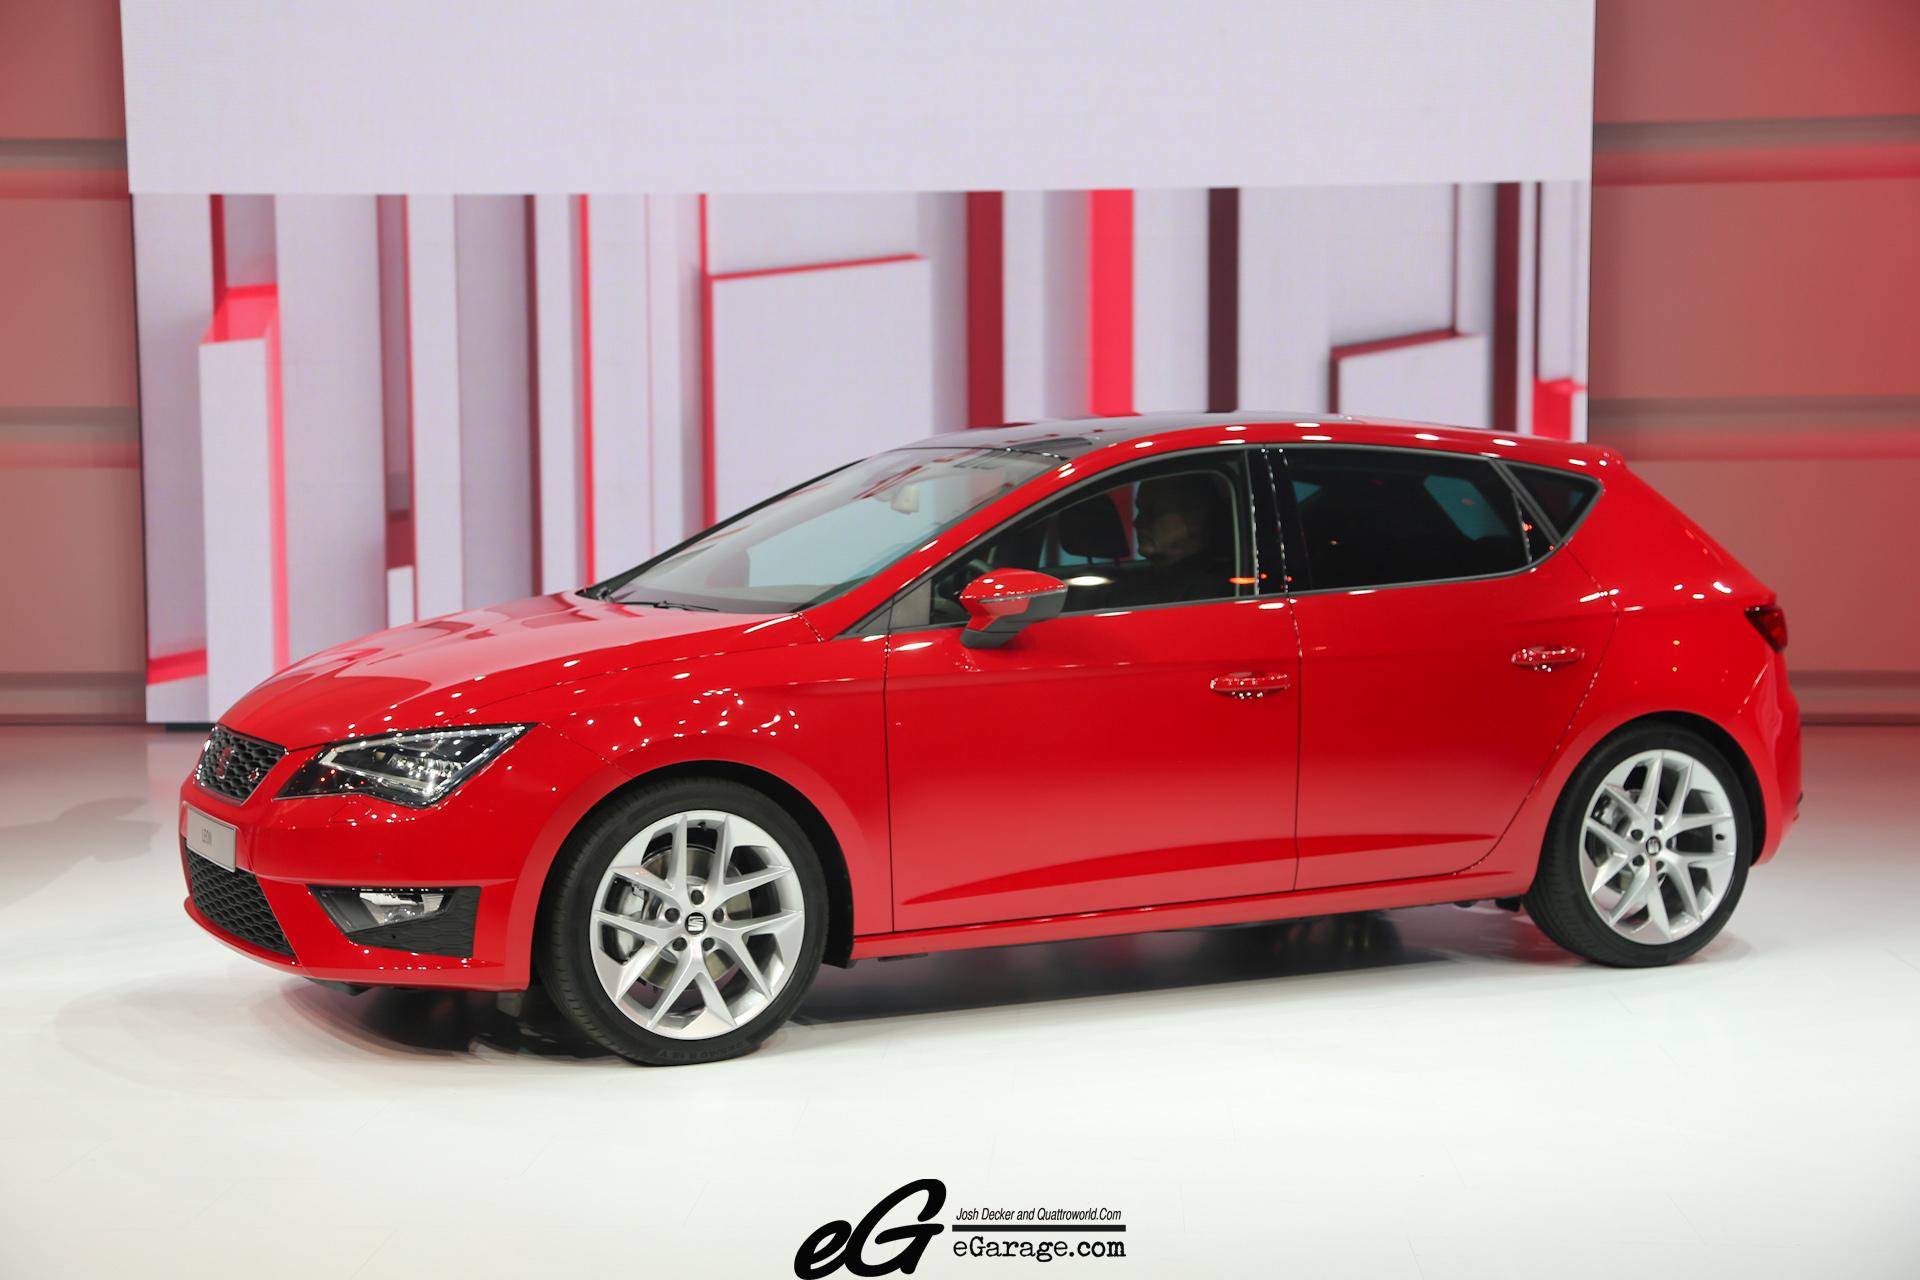 8030390221 a90ee8cb34 o 2012 Paris Motor Show